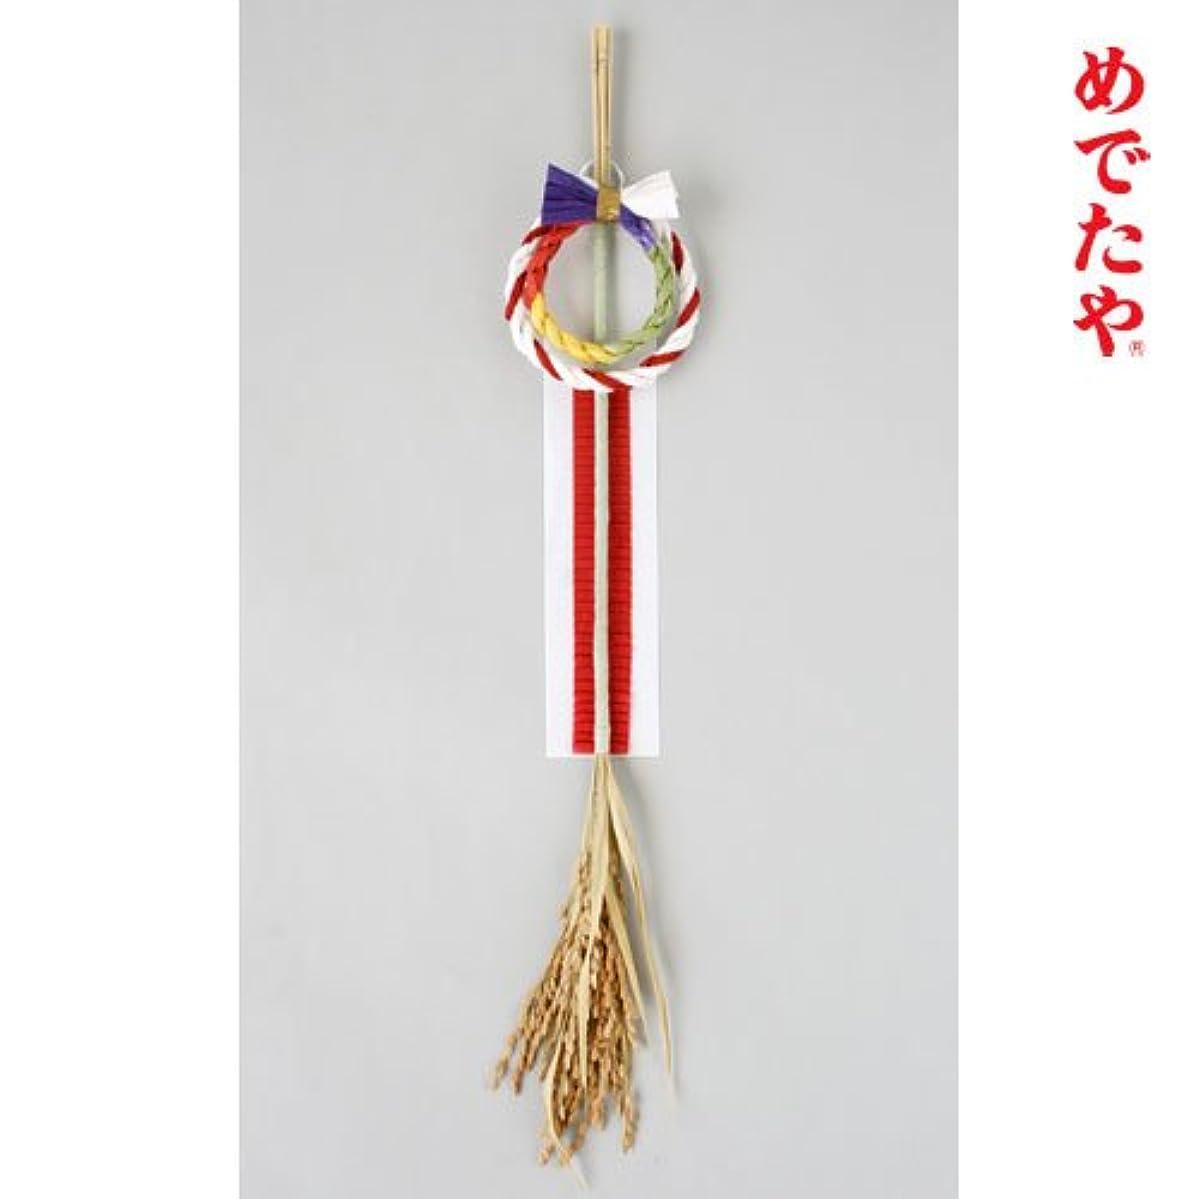 彼らは小説勝利した正月飾り いなほ飾り 五色 めでたや New Year's decoration